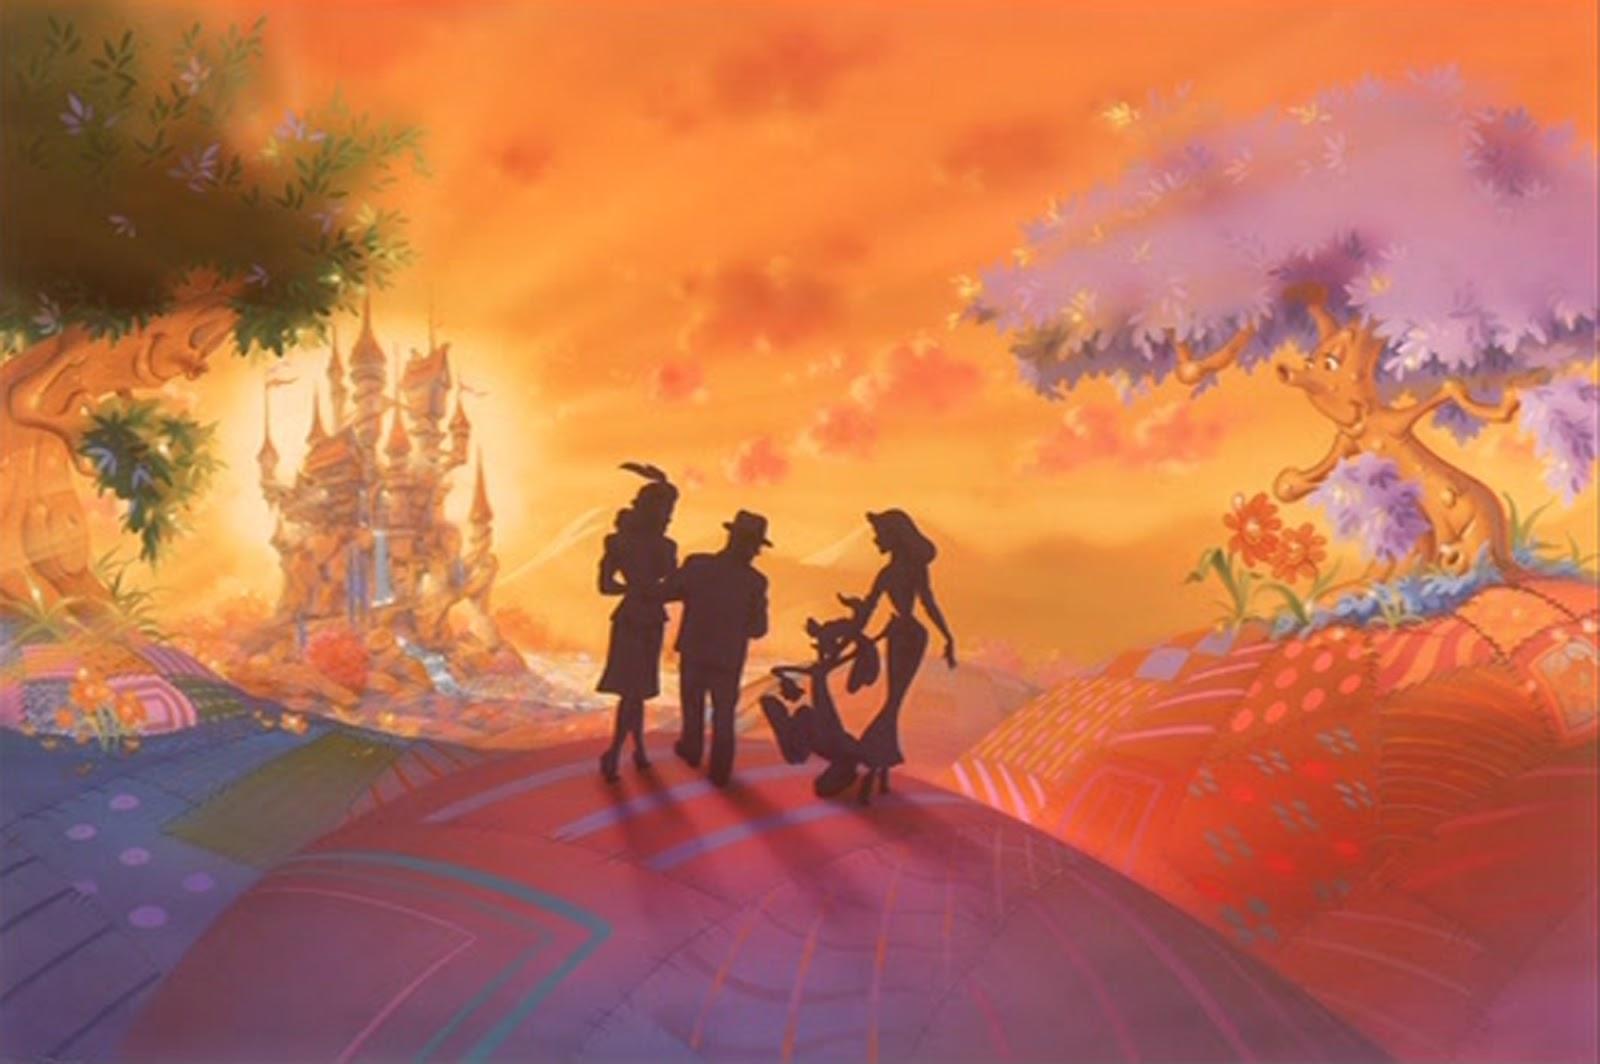 Who Framed Roger Rabbit Ending - Frame Design & Reviews ✓